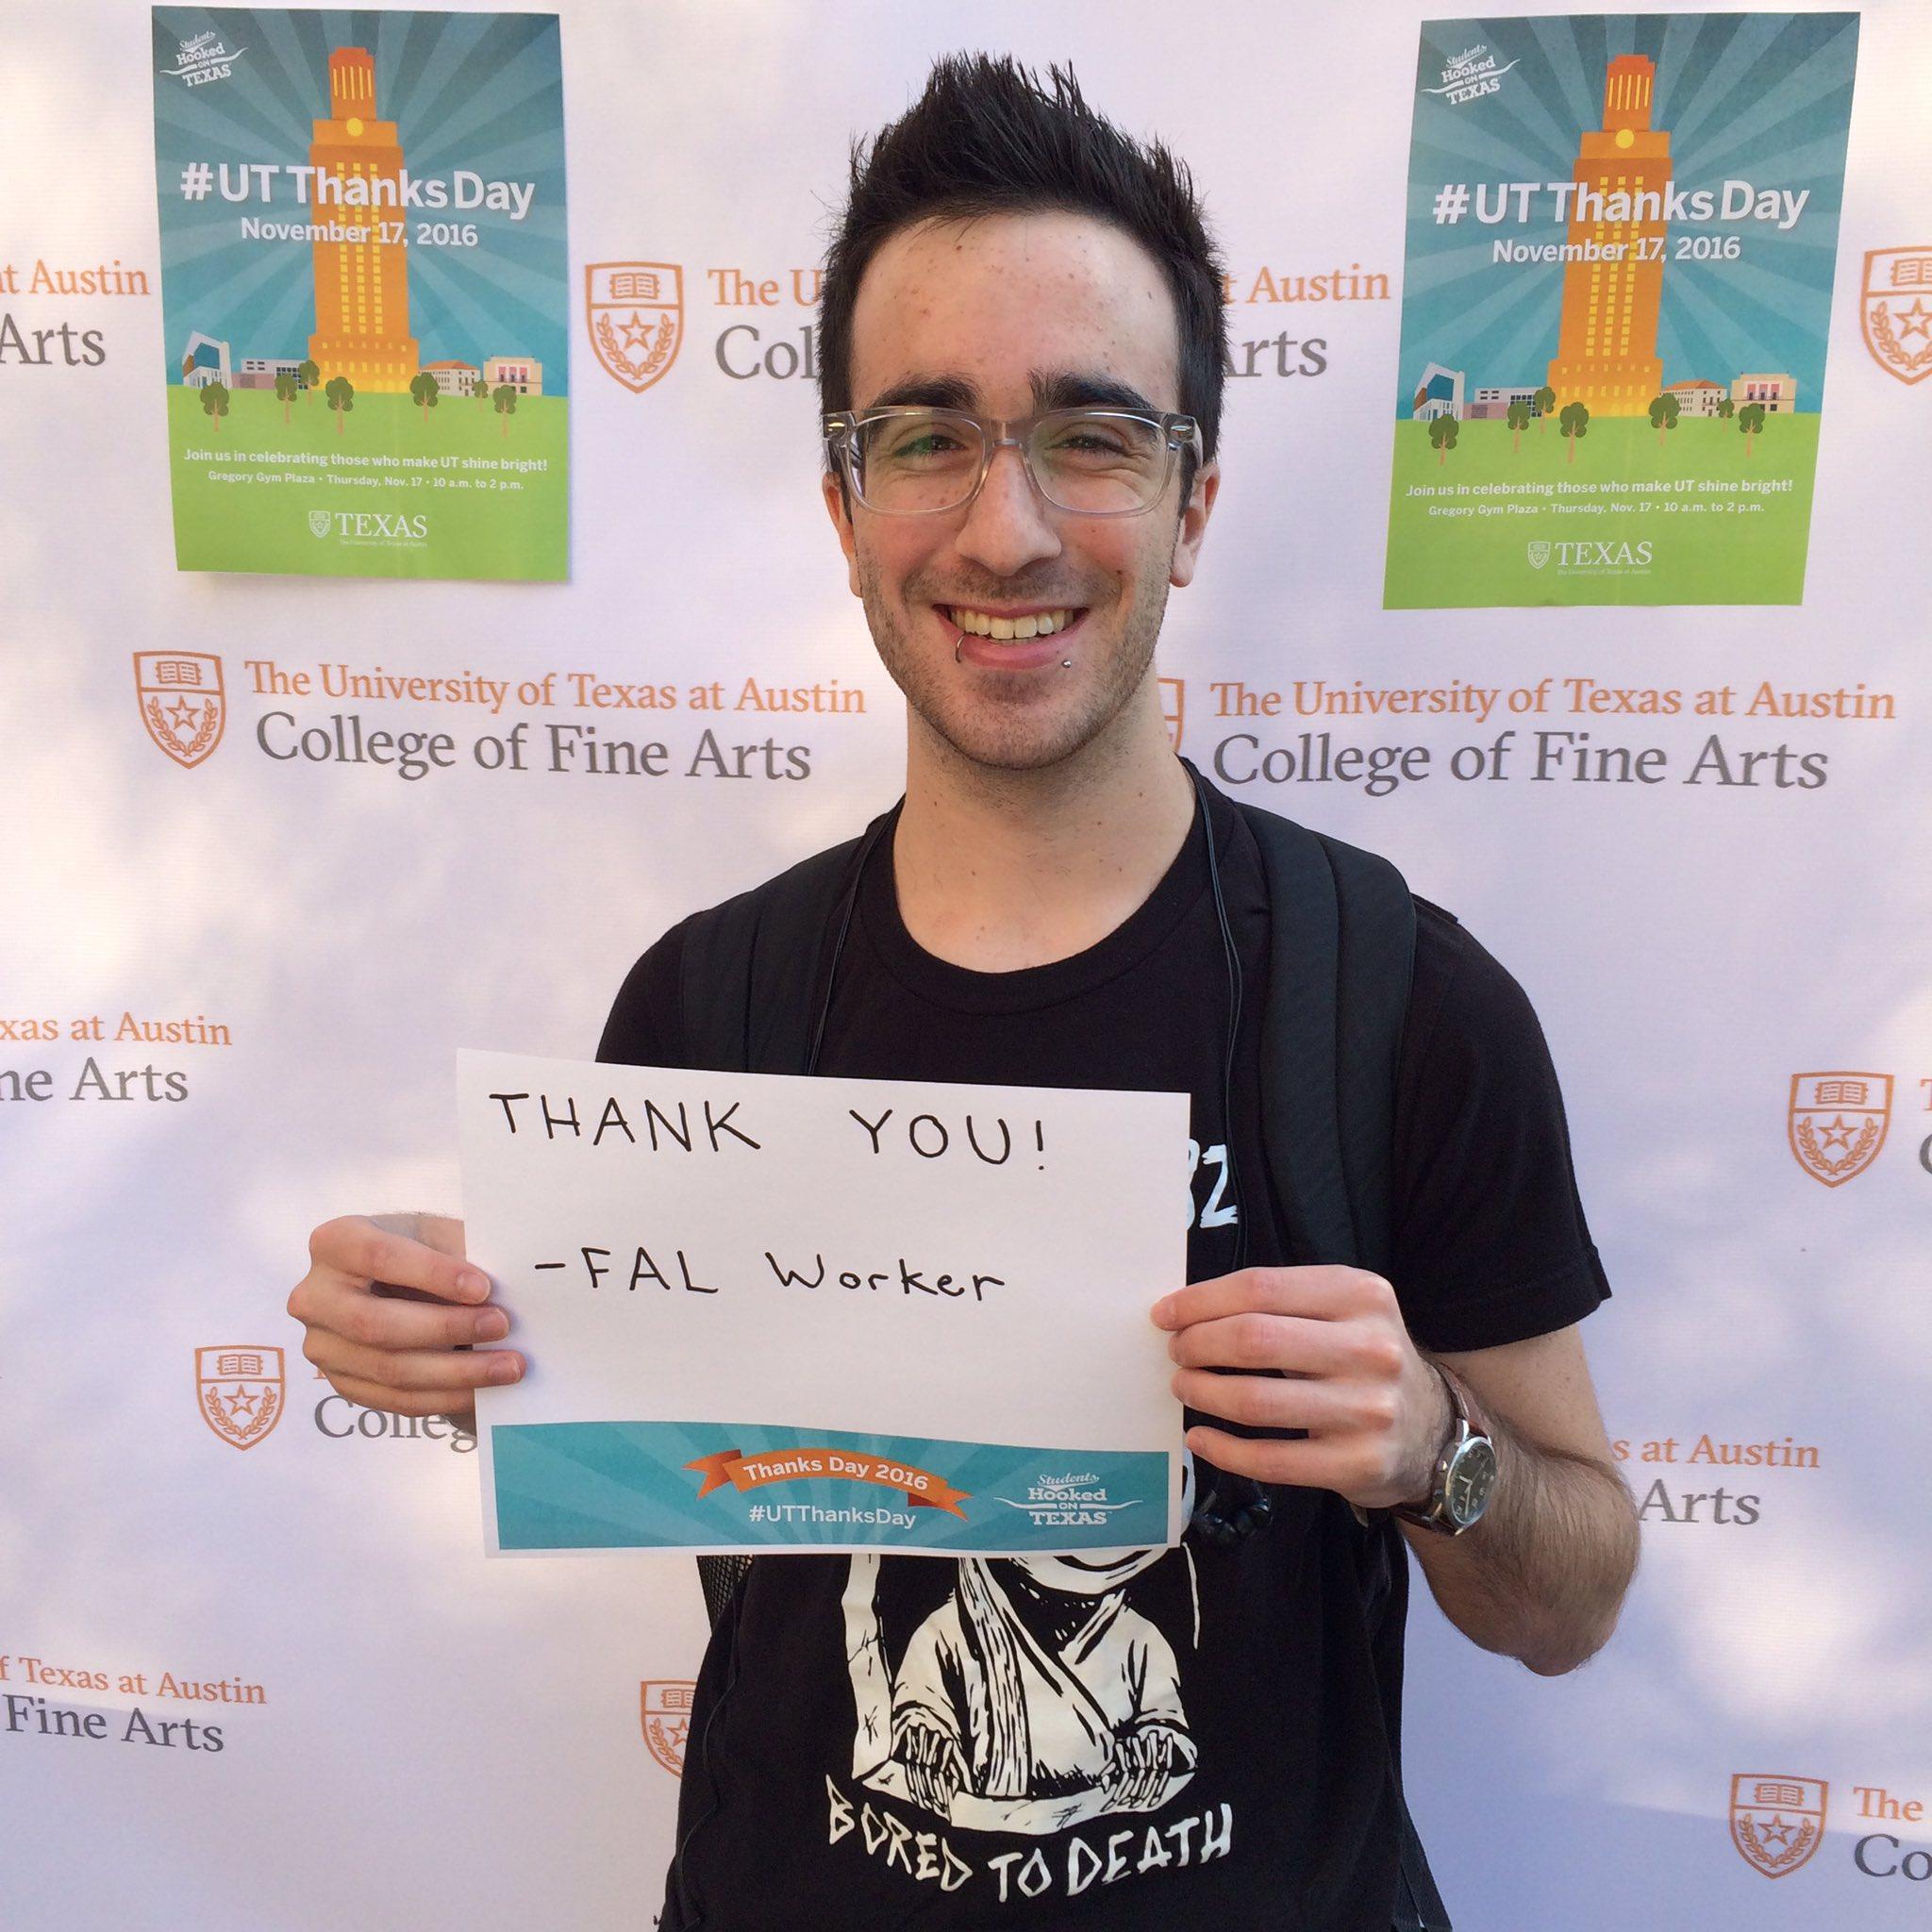 .@UTFAL worker and @UTexasMcCombs student Matthew Walker says thank you! #UTThanksDay #utfinearts https://t.co/Fvdzu1cWqe